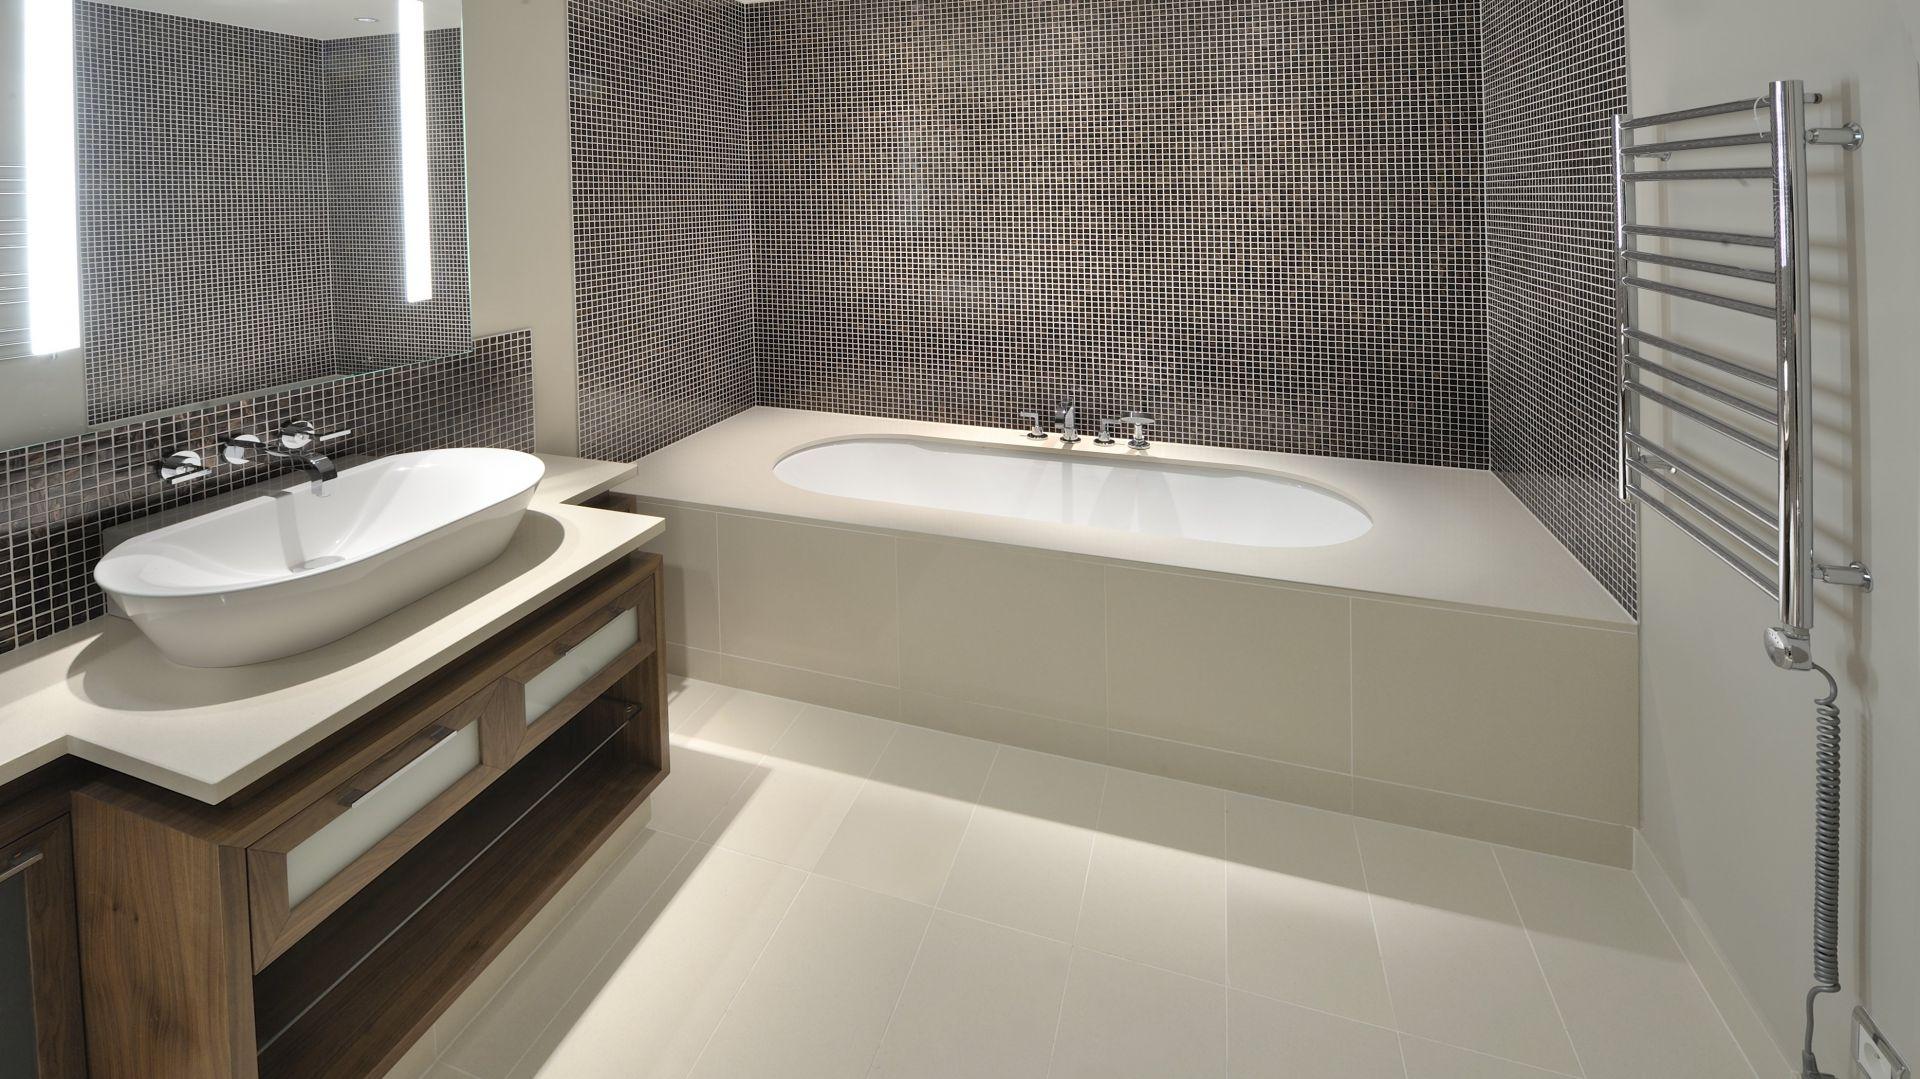 Z konglomeratu kwarcowego można wykonywać okładziny podłó i ścian, wykończenia wanien czy np. blaty łazienkowe. Fot. Technistone